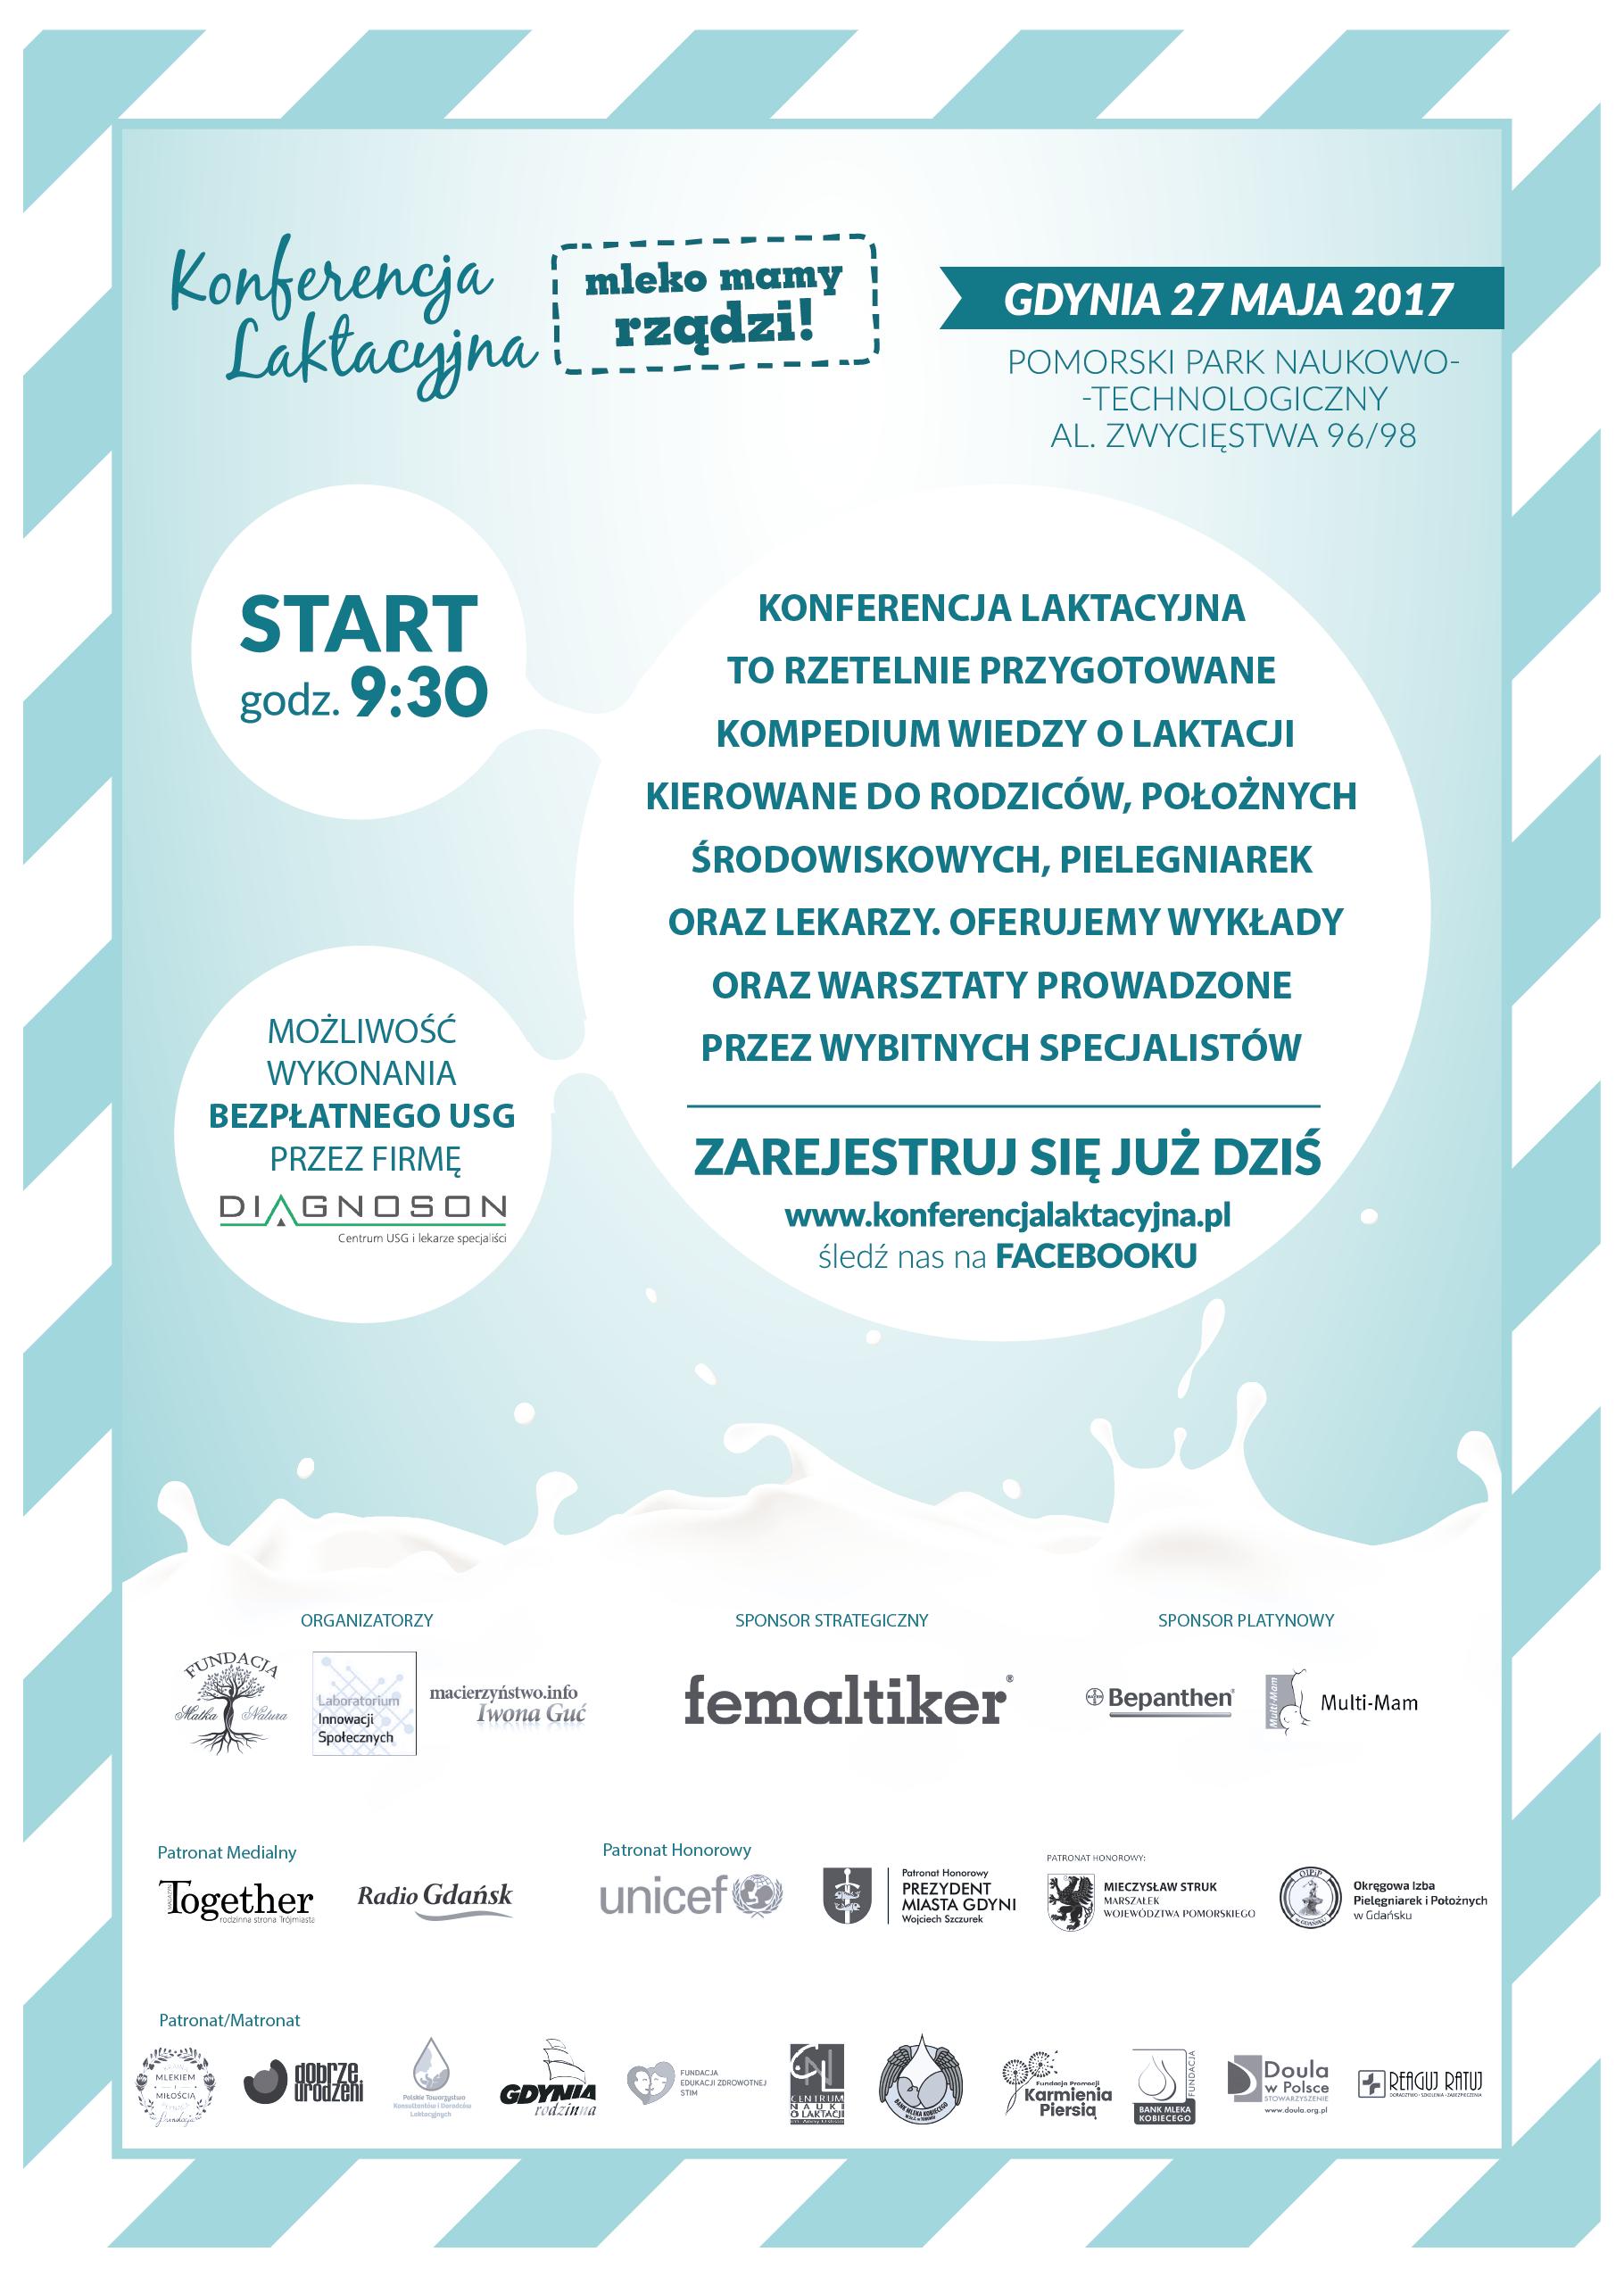 konferencjaLaktacyjna_ulotka